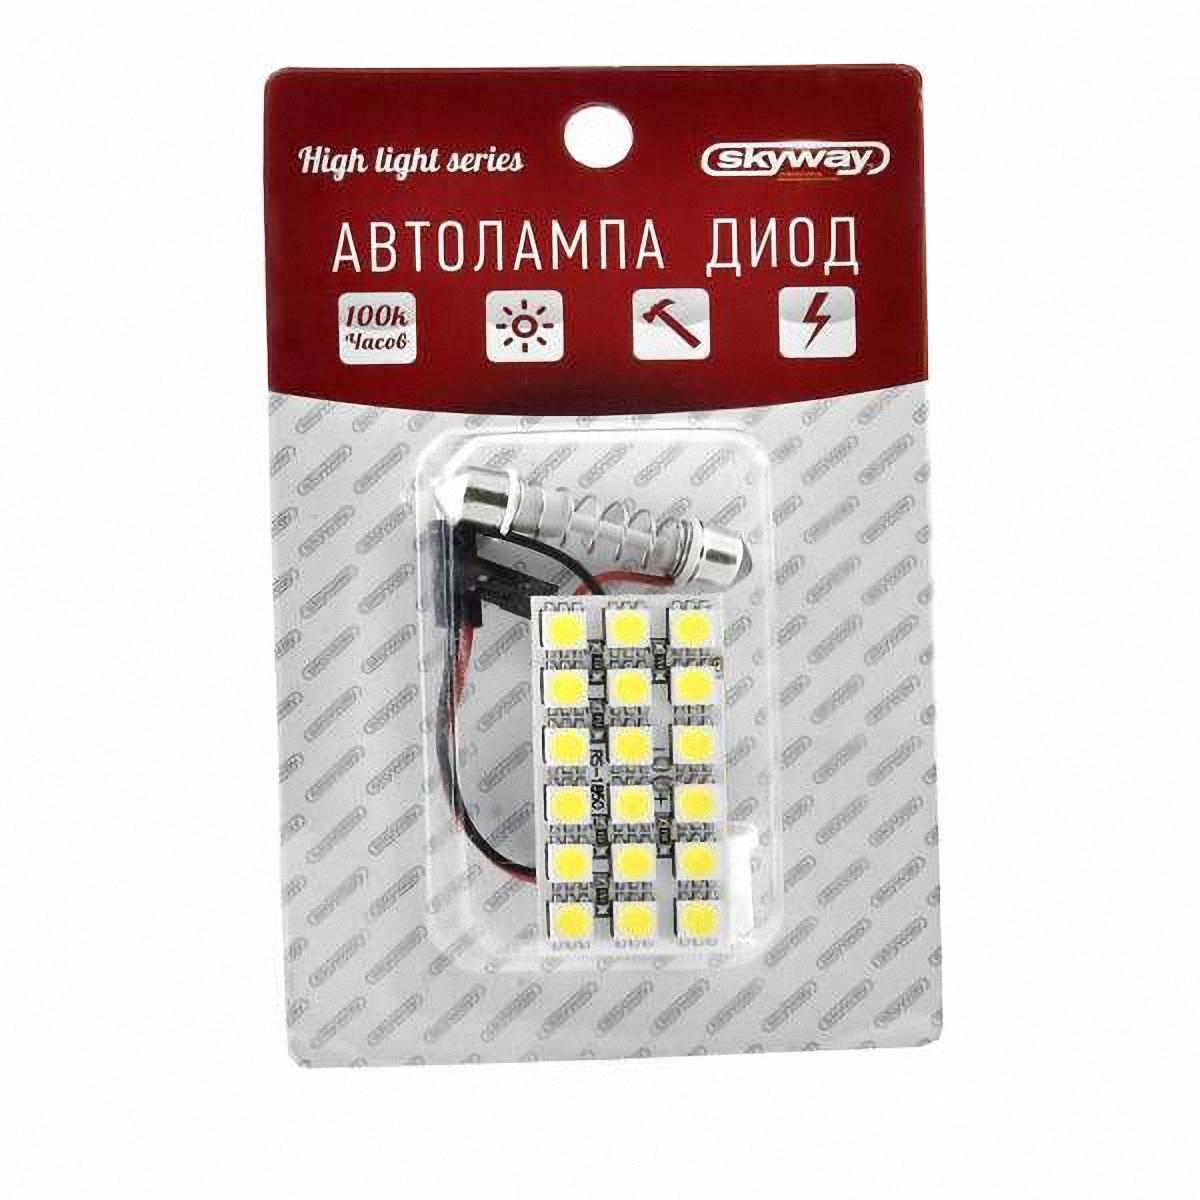 Панель светодиодная Skyway12V 18 SMD диодов, цвет: белый, в блистере. S03301003S03301003Светодиодные панели Skyway имеют значительно больший срок службы, потребляют намного меньше электроэнергии и выдают свет значительно мягче и ровнее, чем те же люминесцентные лампы, не говоря уже о лампах накаливания. Они очень удобны, легко вставляются и достаточно практичны.